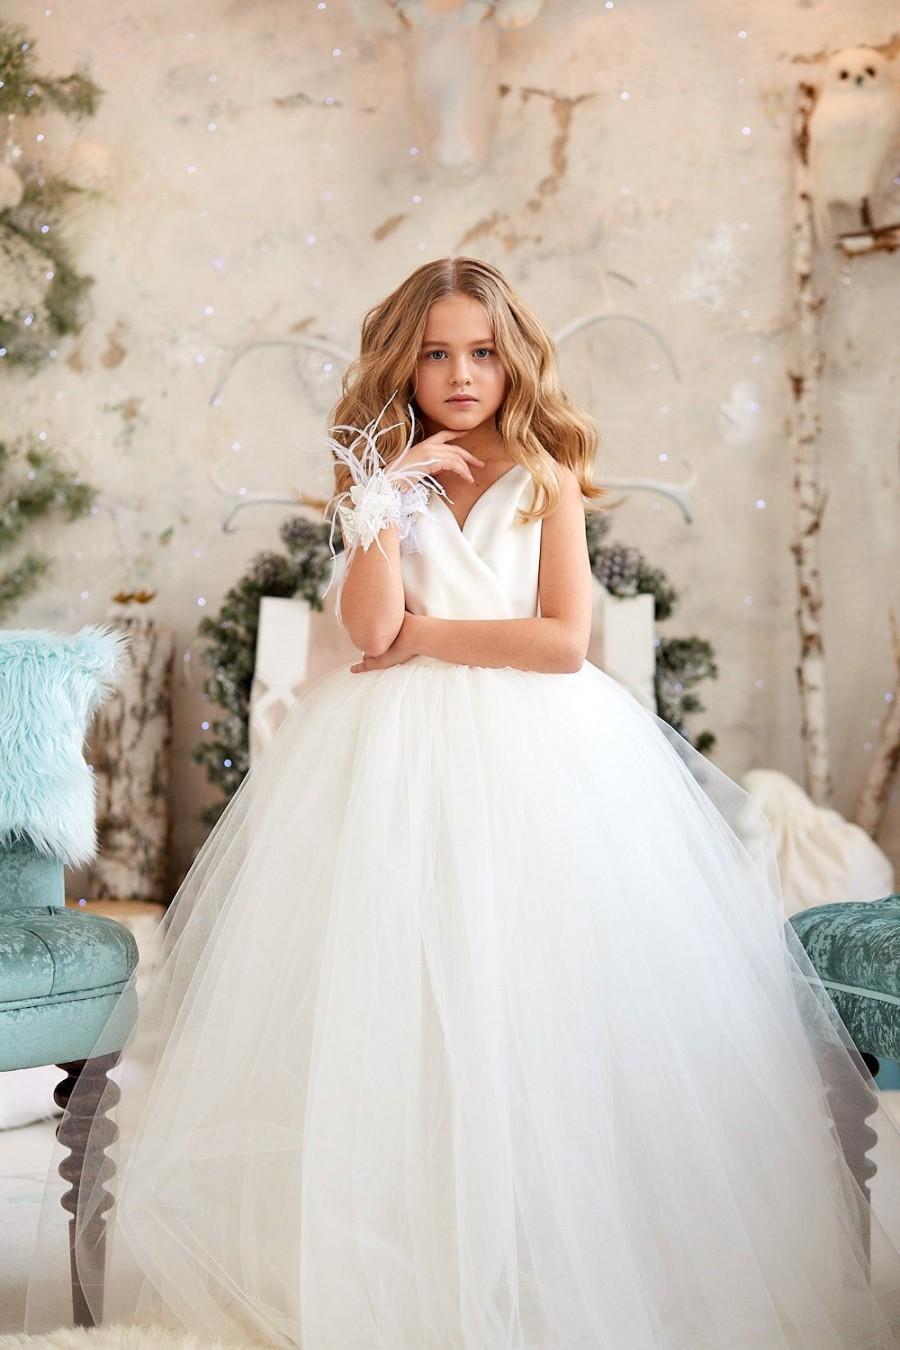 Hochzeit - Flower girl dress tulle,Flower girl dress,Flower dress,Girl dress,Tulle dress,White boho dress,Sweetvalentina lace flower girl dress,